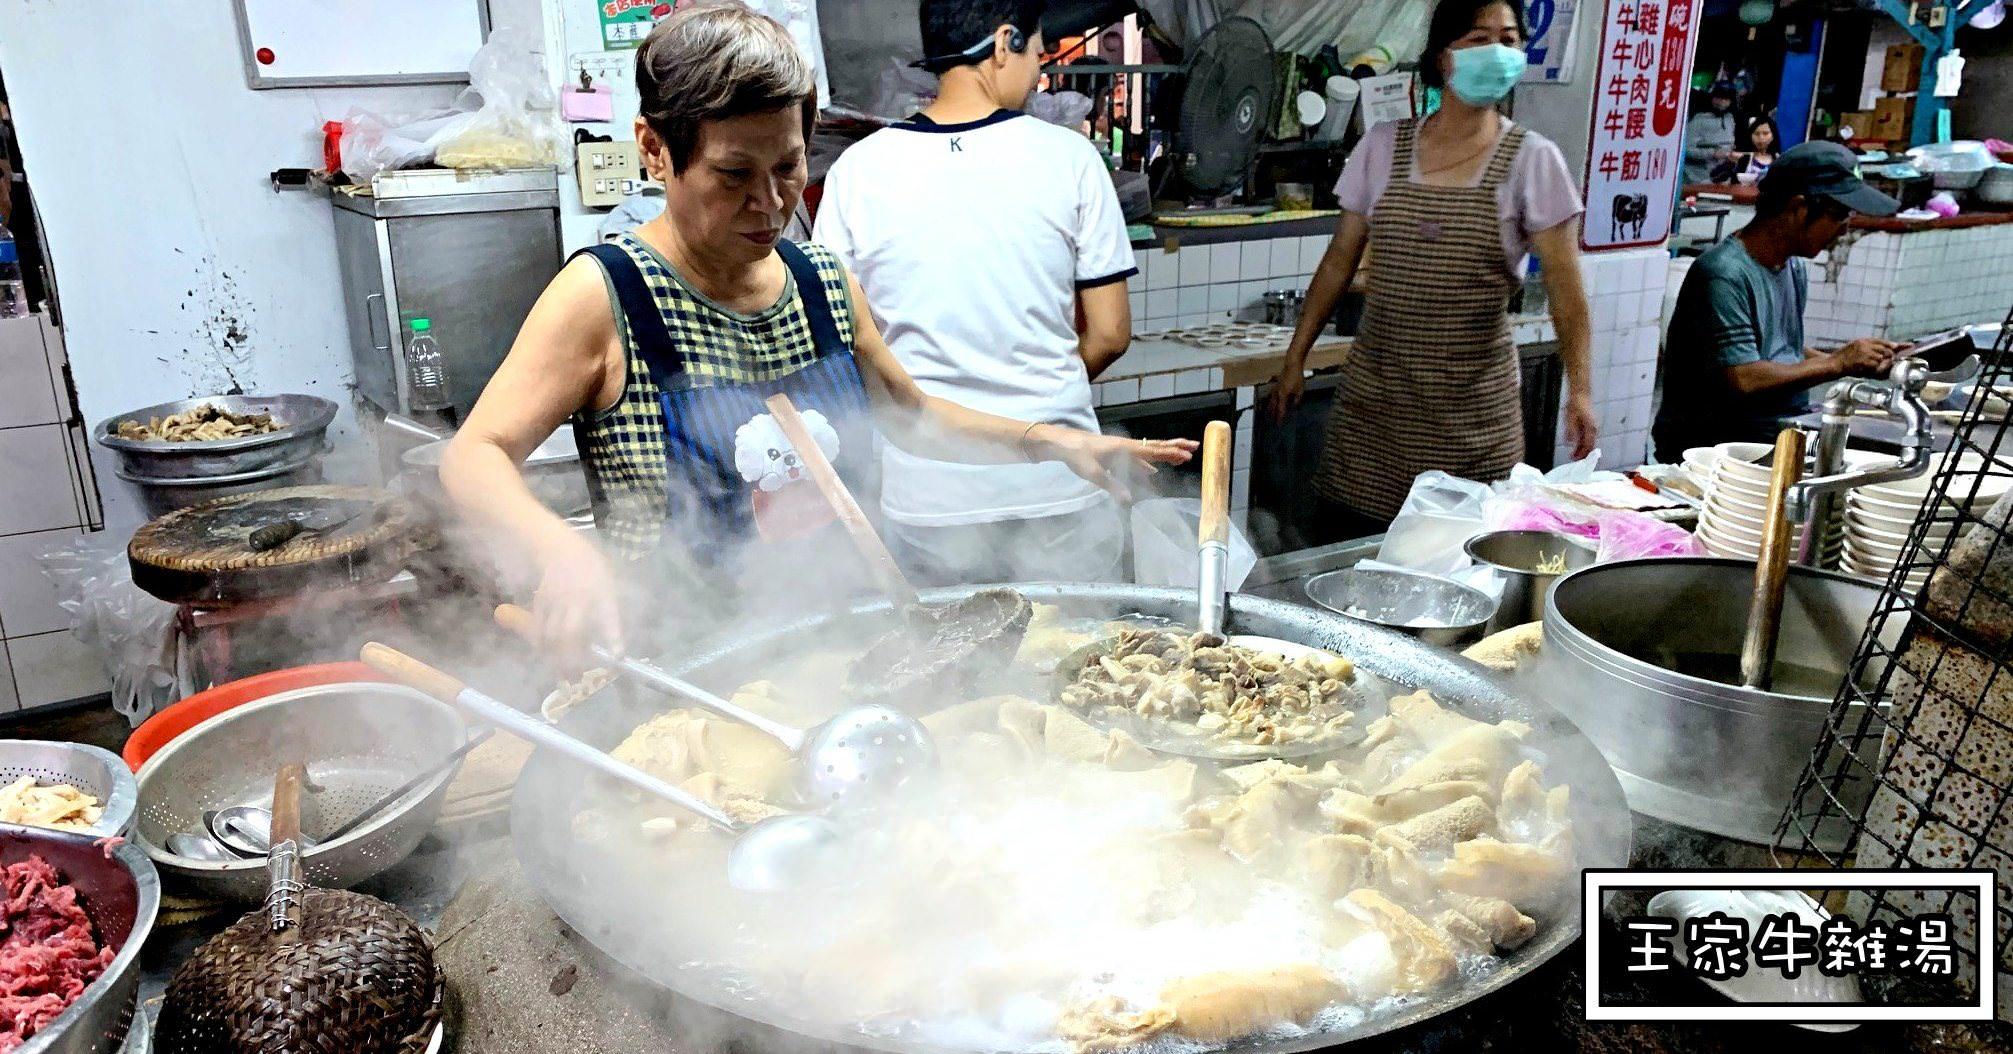 王家牛雜湯 嘉義早餐-東市場超人氣店家 嘉義王媽媽牛雜湯 (菜單價錢)